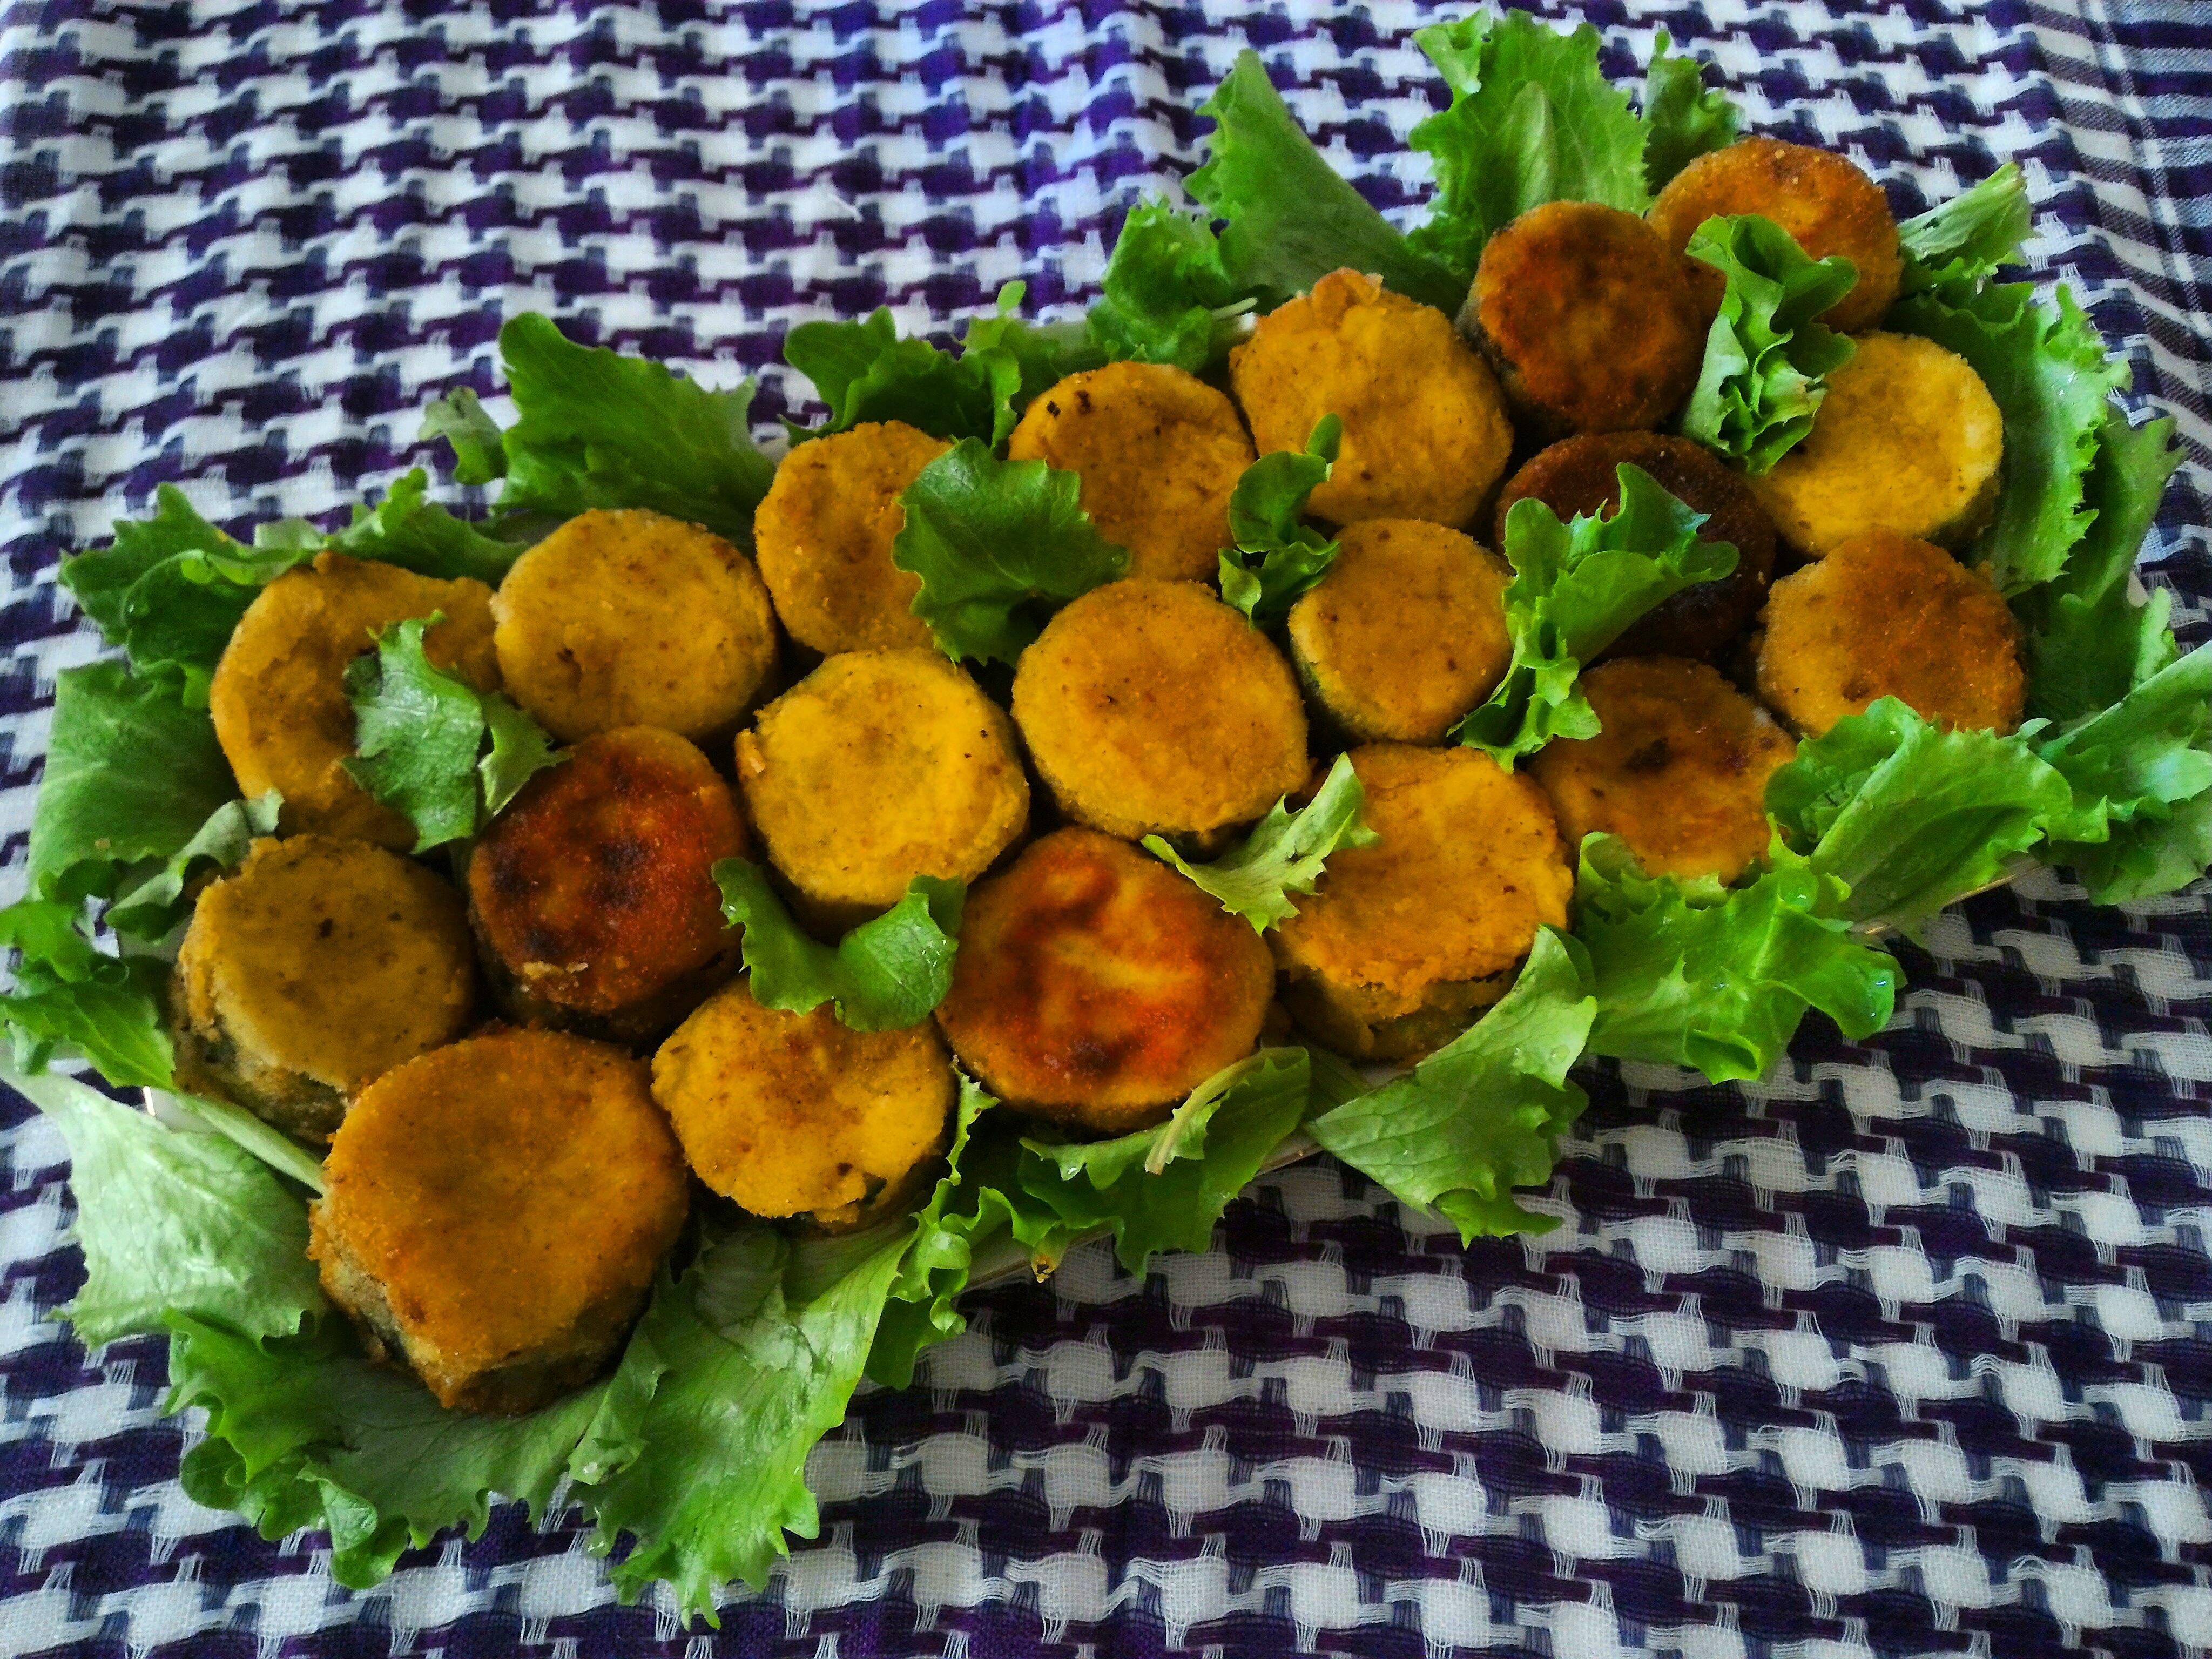 Medaglioni di zucchine soffritti con peperoni, philadelphia e sottilette al grana